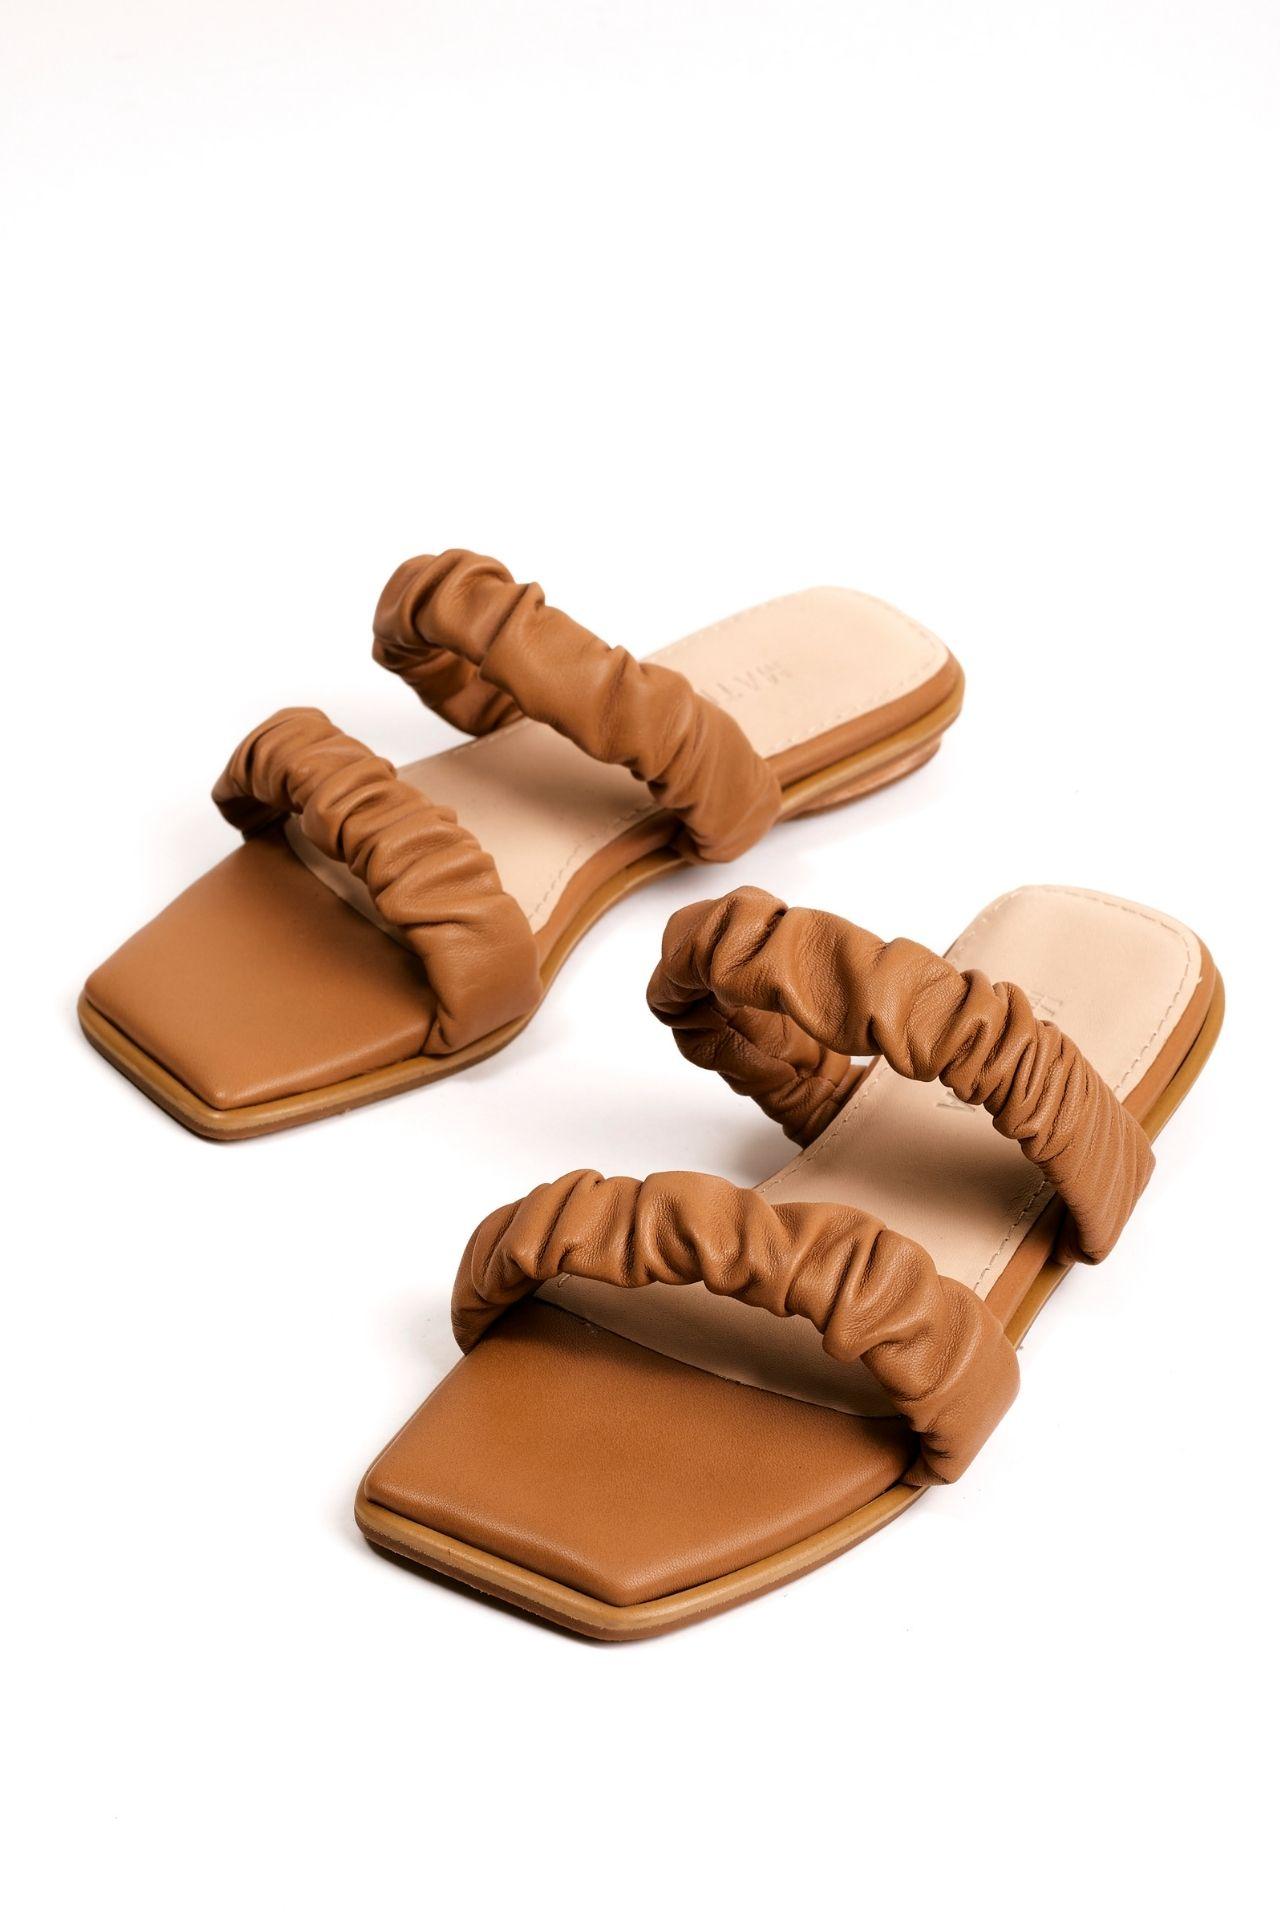 Sandalias con 2 tiras arrugadas de cuero negro.  Material: capellada: cuero natural y forro: badana natural  La horma es exacta, es la talla que usas normalmente.